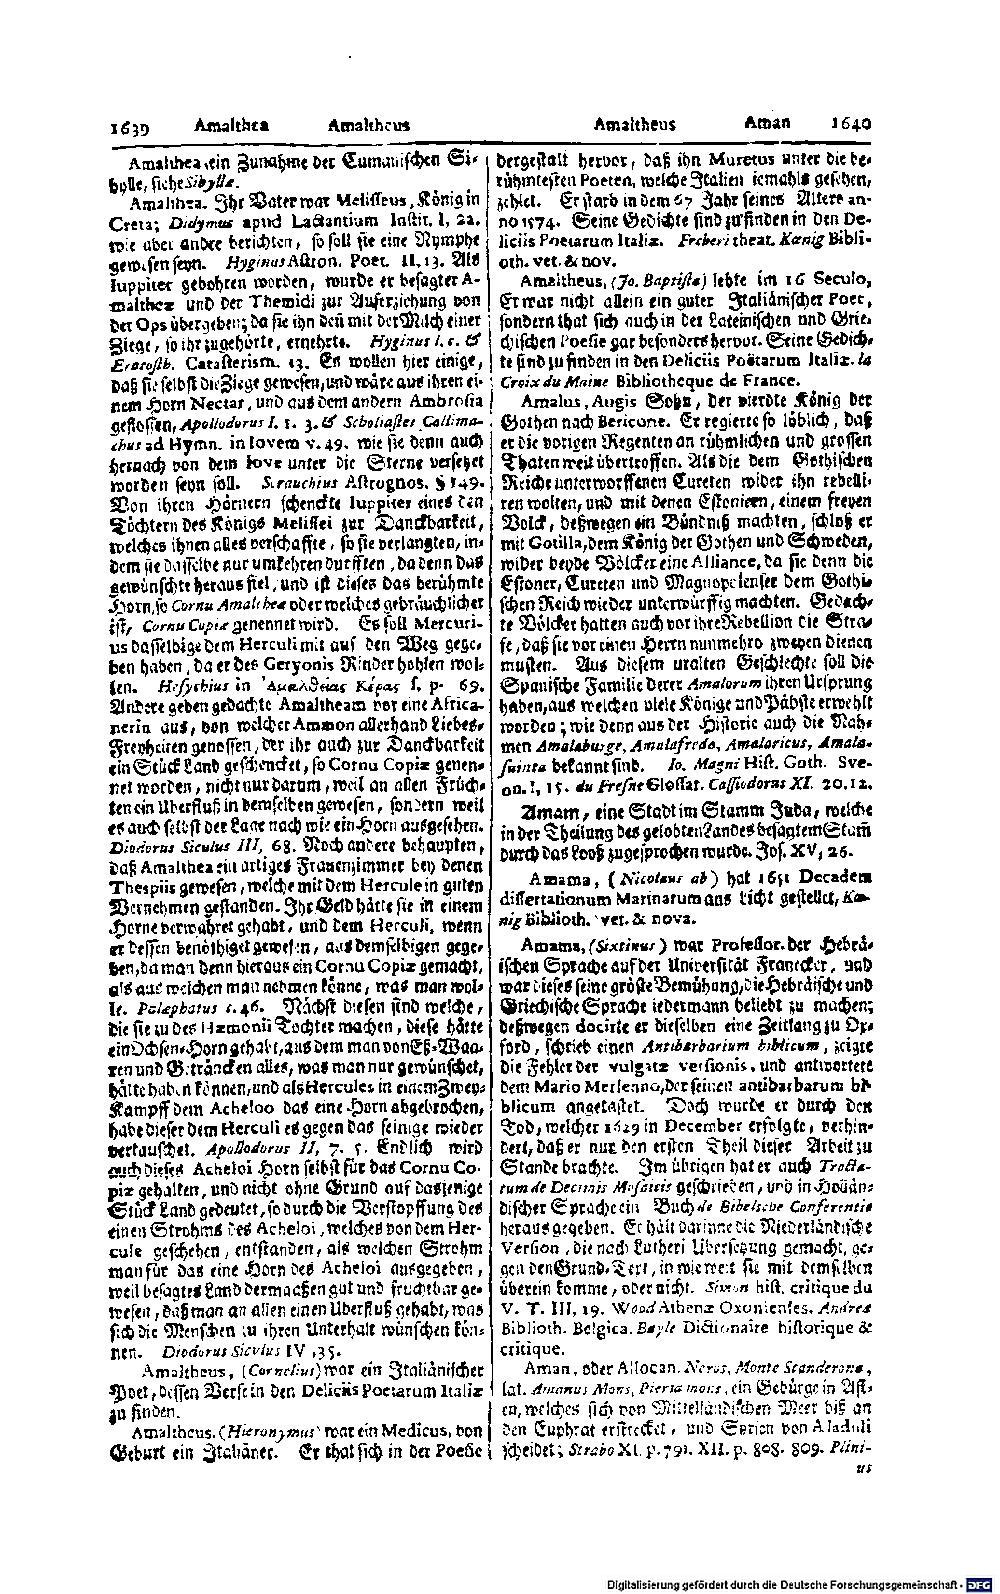 Bd. 1, Seite 0811.